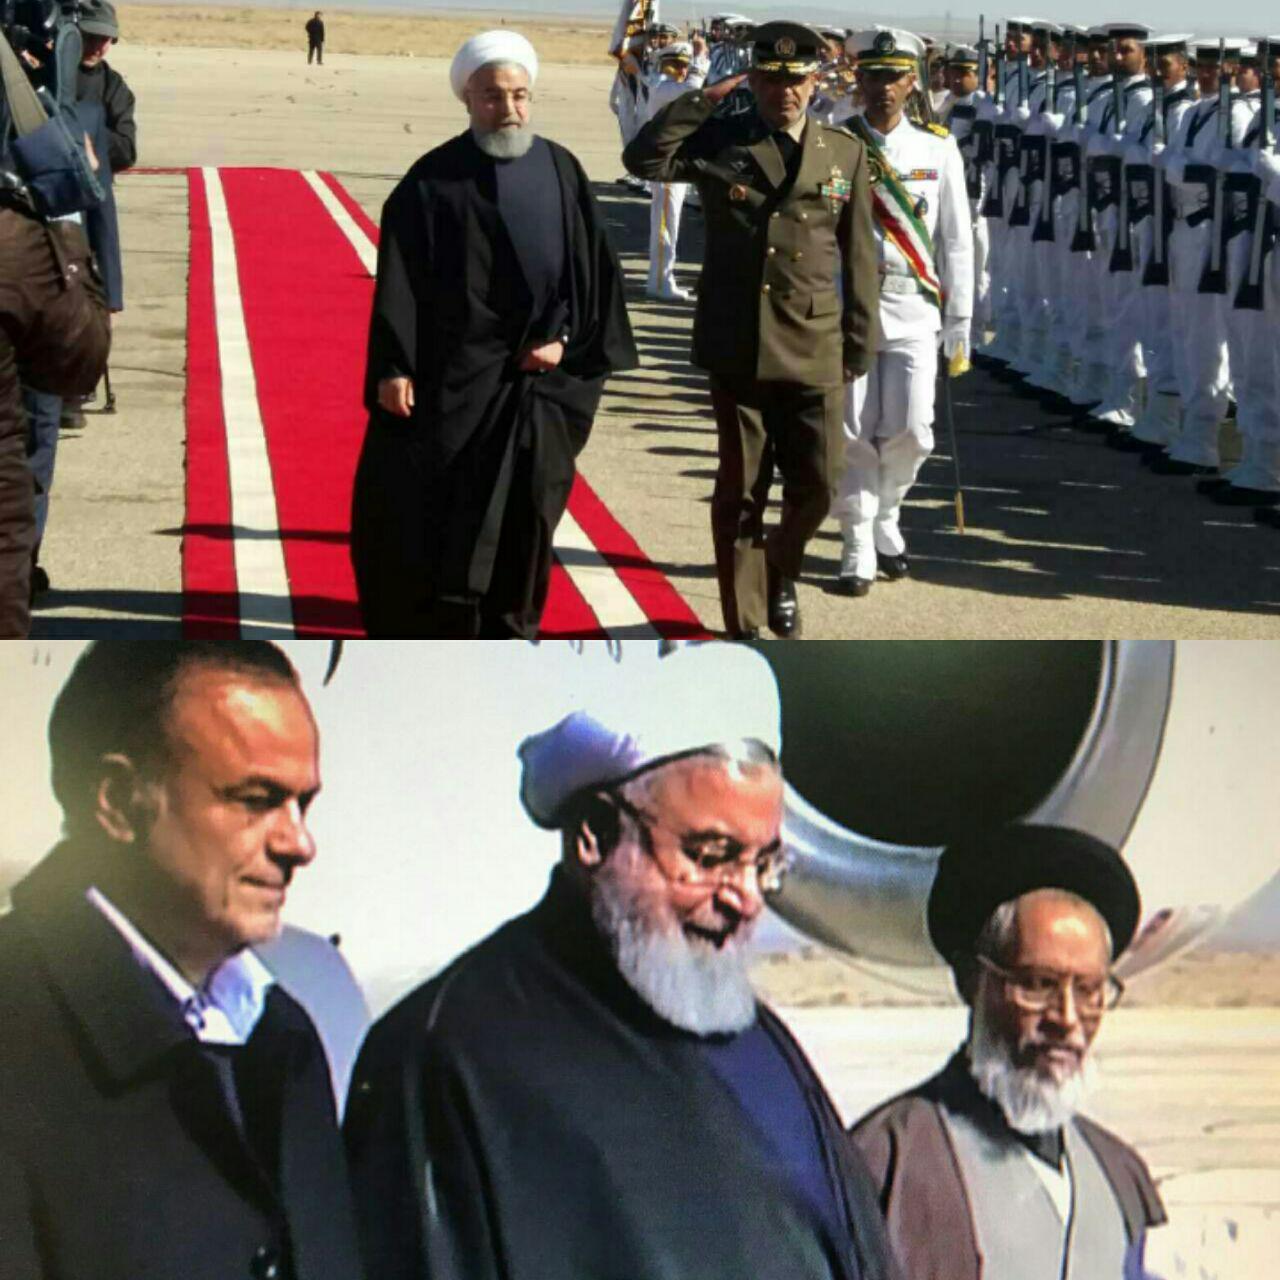 افتتاح طرح های بسیار مهمی در سفر به کرمان